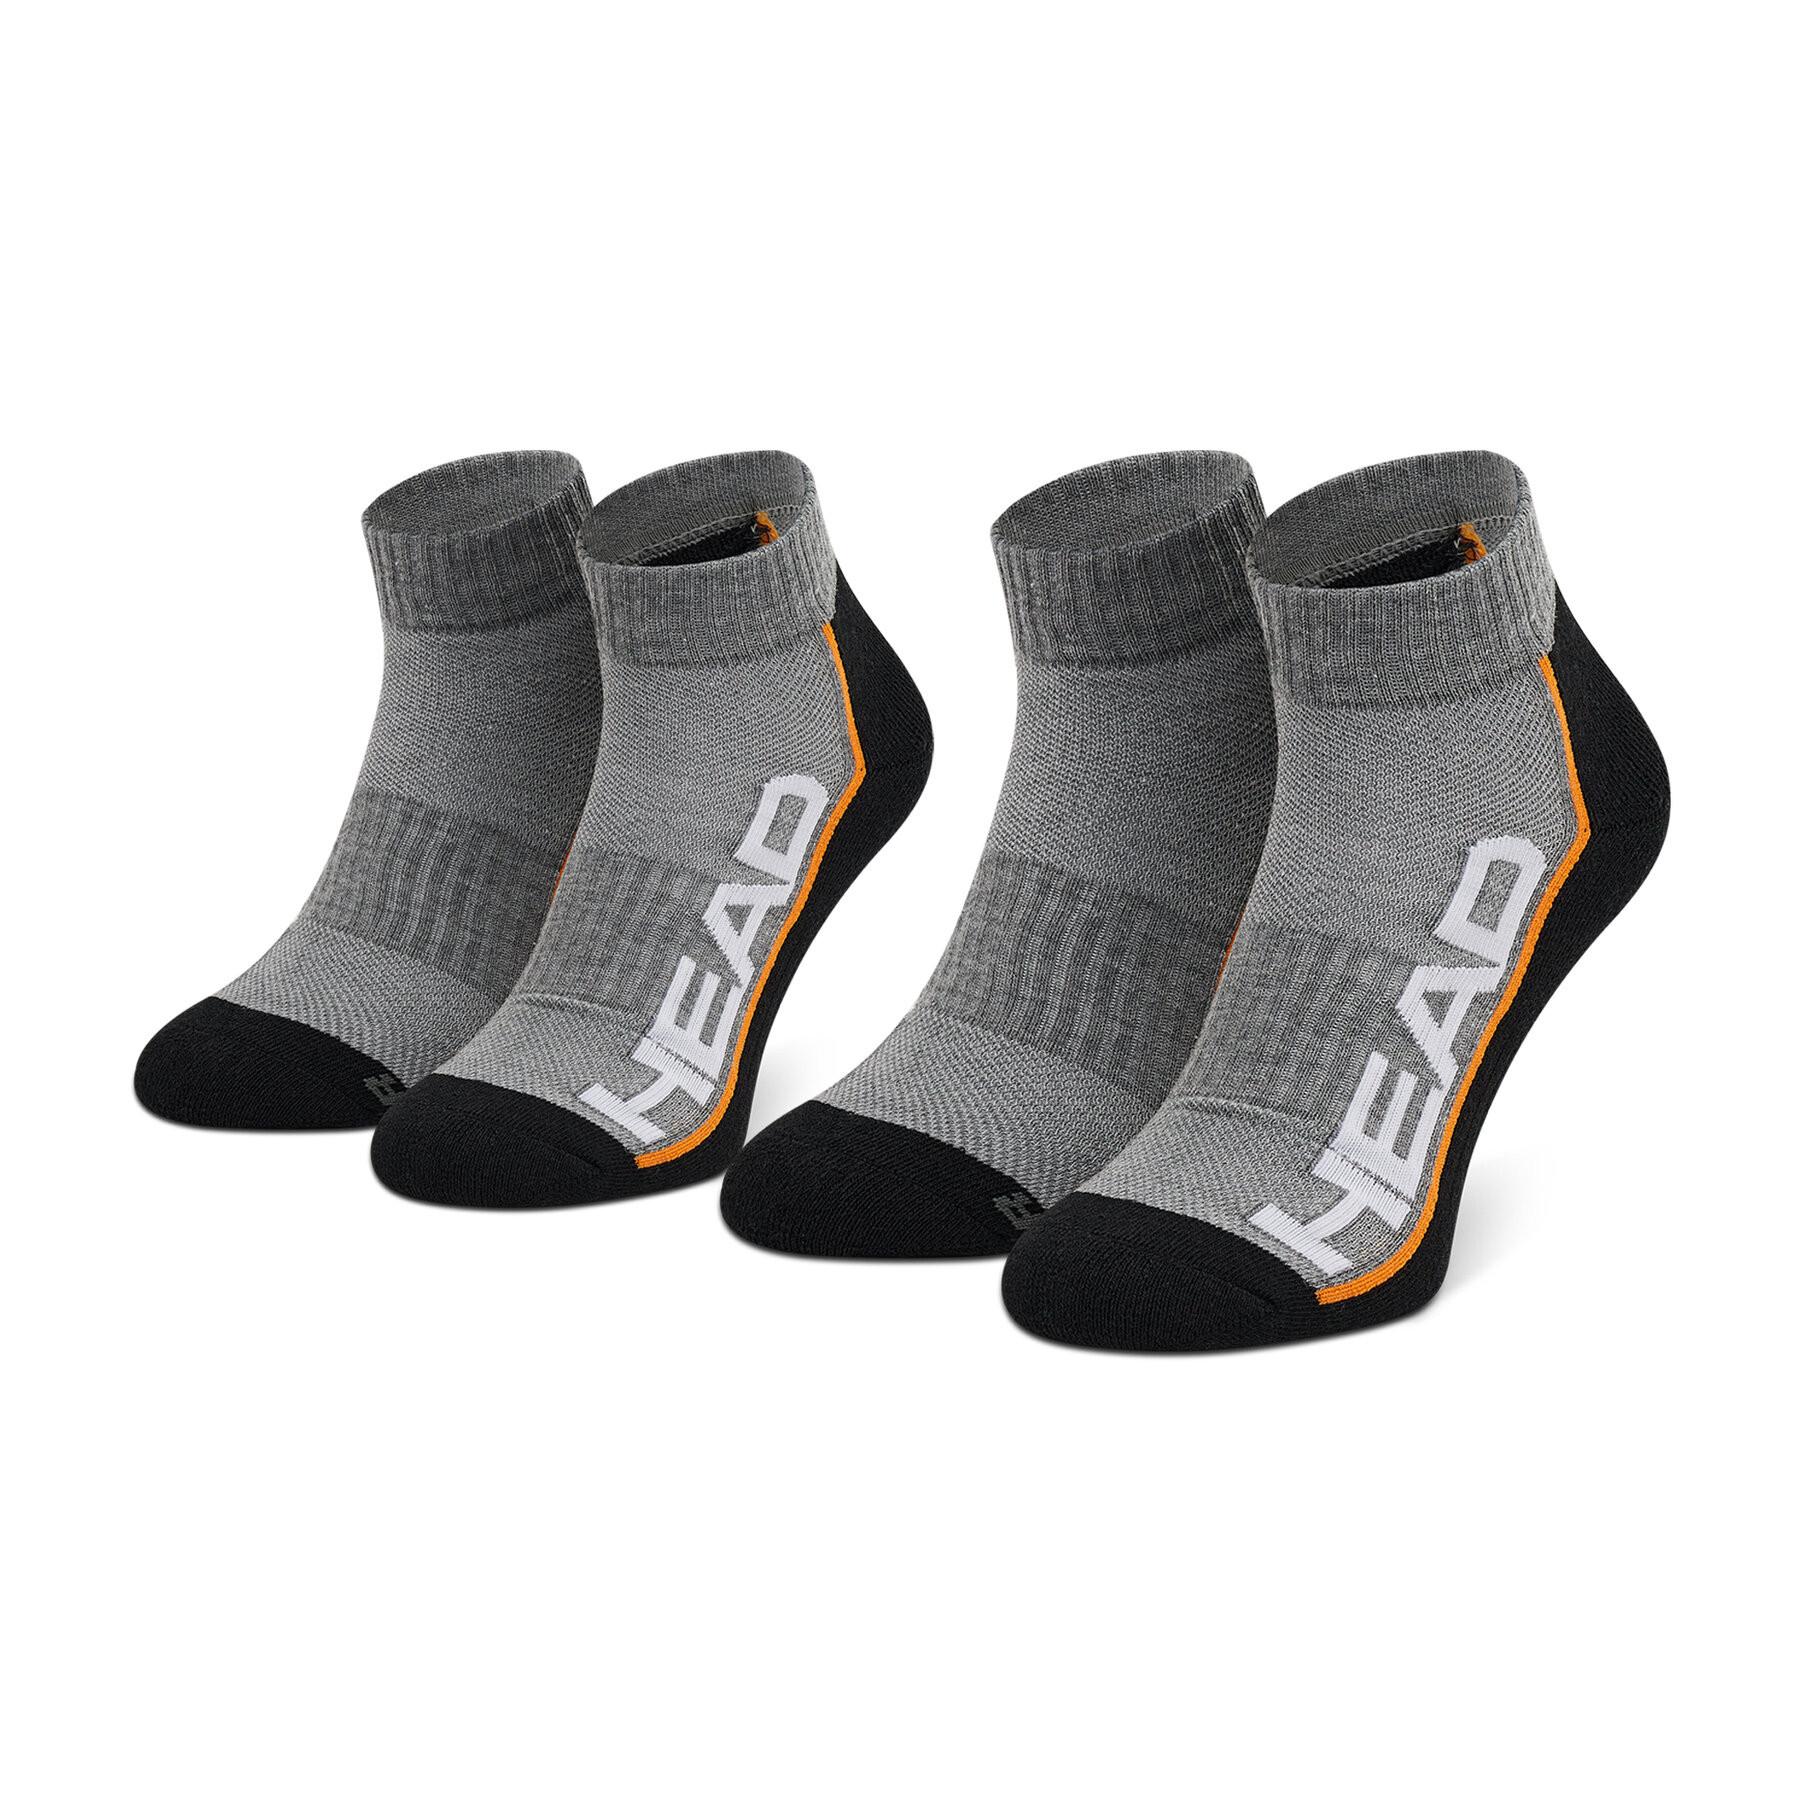 2PACK ponožky HEAD vícebarevné (791019001 235) S